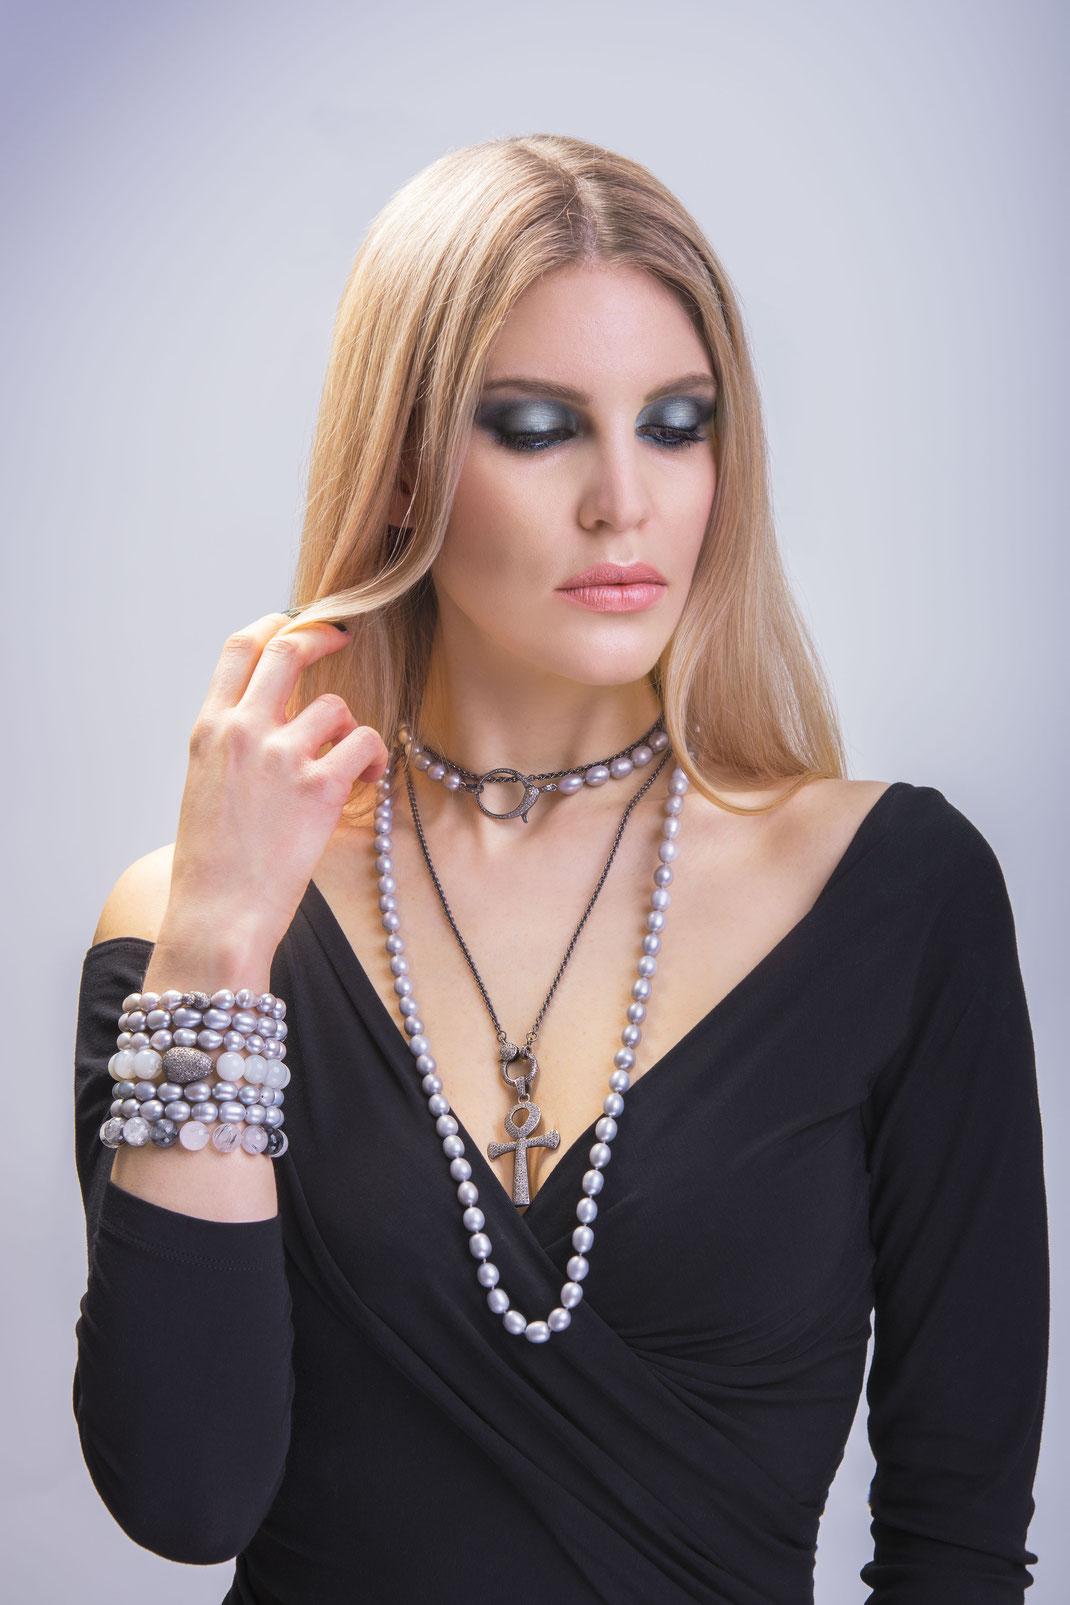 lange lässig elegante halsketten mit Diamantanhängern und -schließen im spannenden Kontrast aus grauem Sterling und grauen Perlen